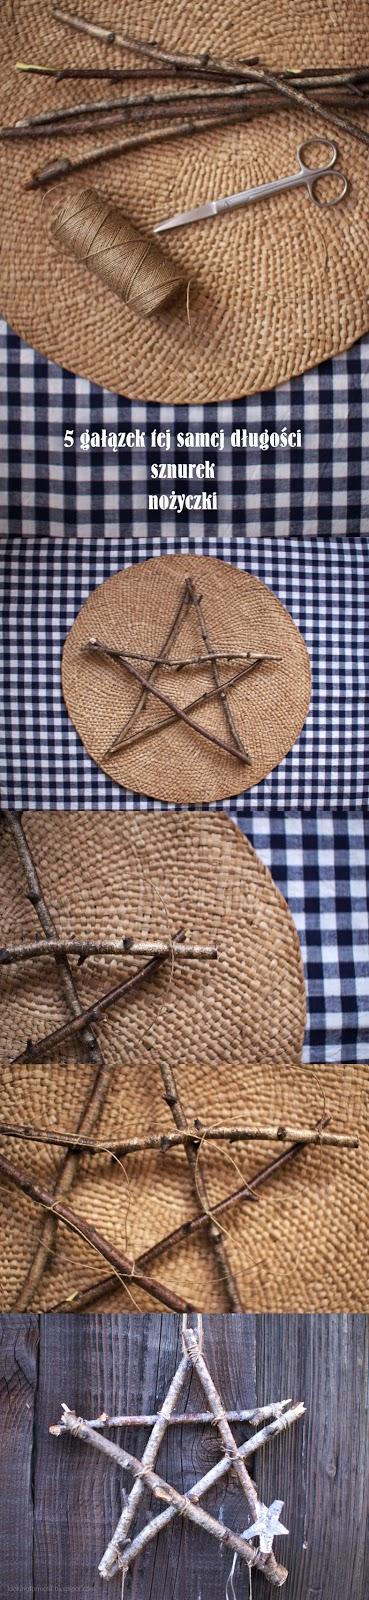 instrukcja jak zrobić gwiazdki z sosnowych gałązek, świąteczne ozdoby,